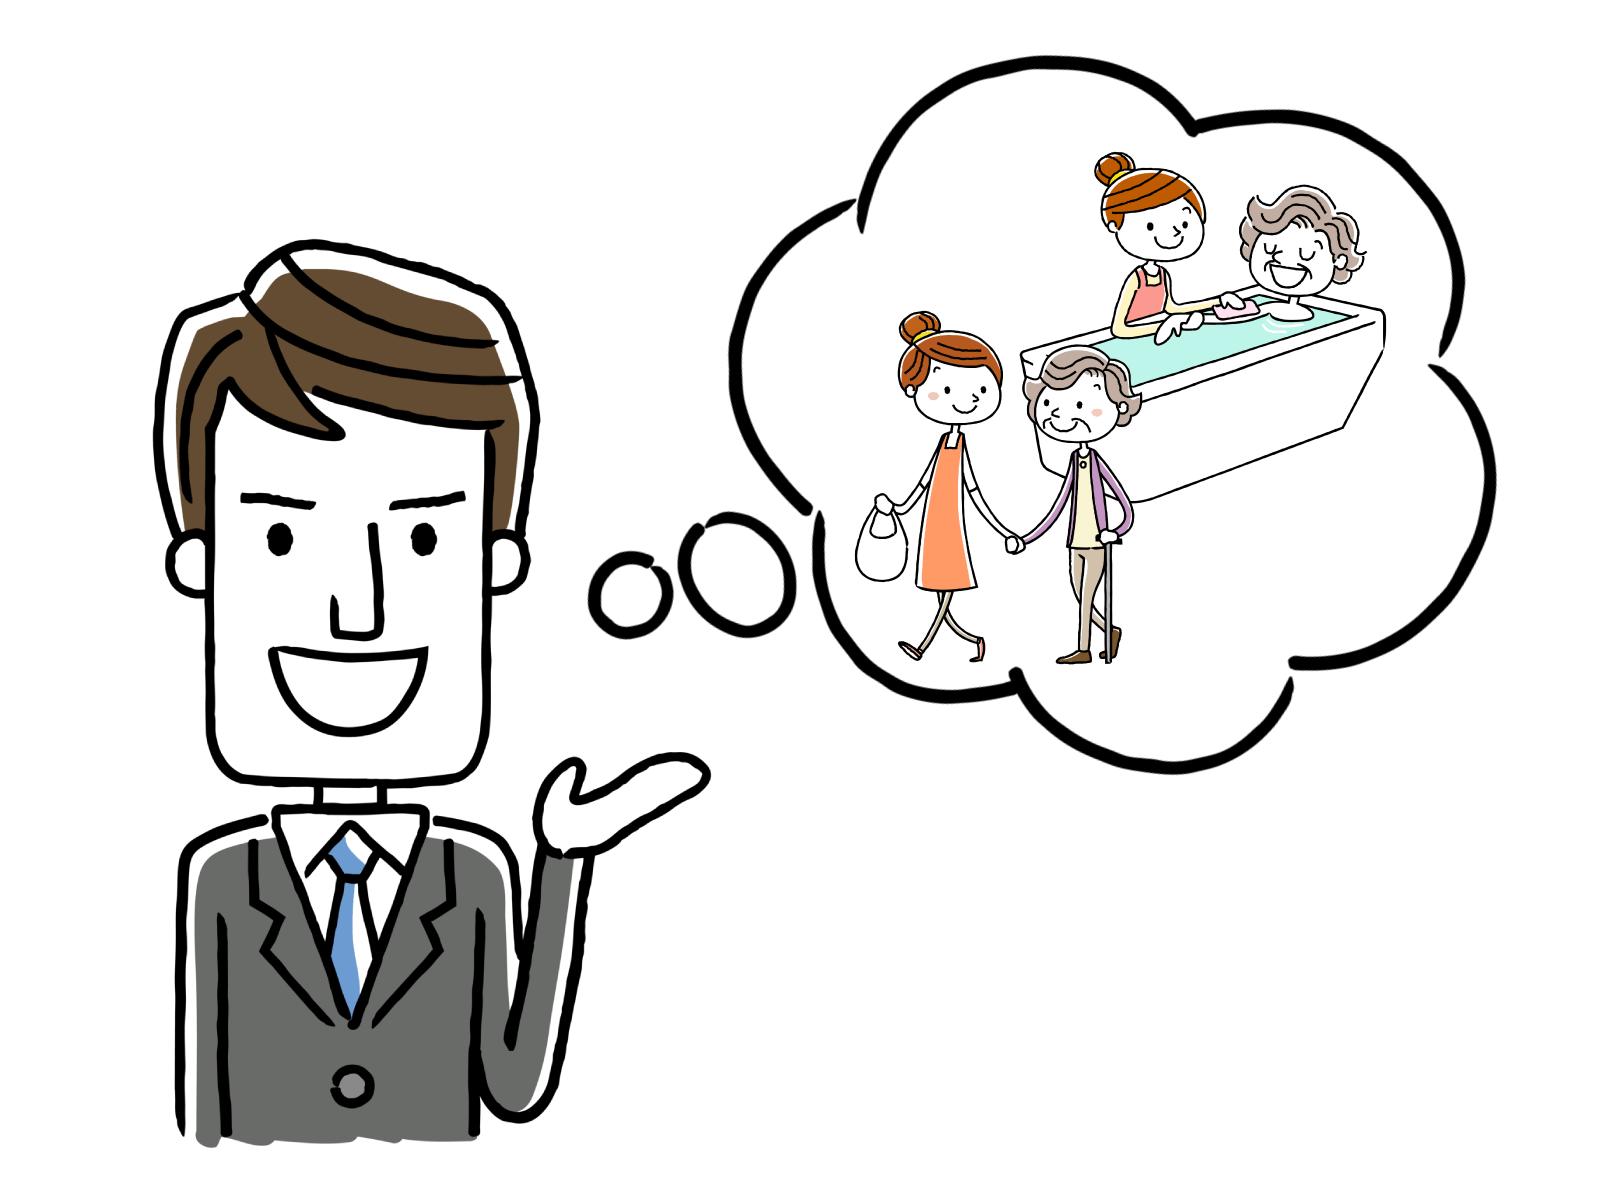 資格を取得することのメリットについてのイメージイラスト